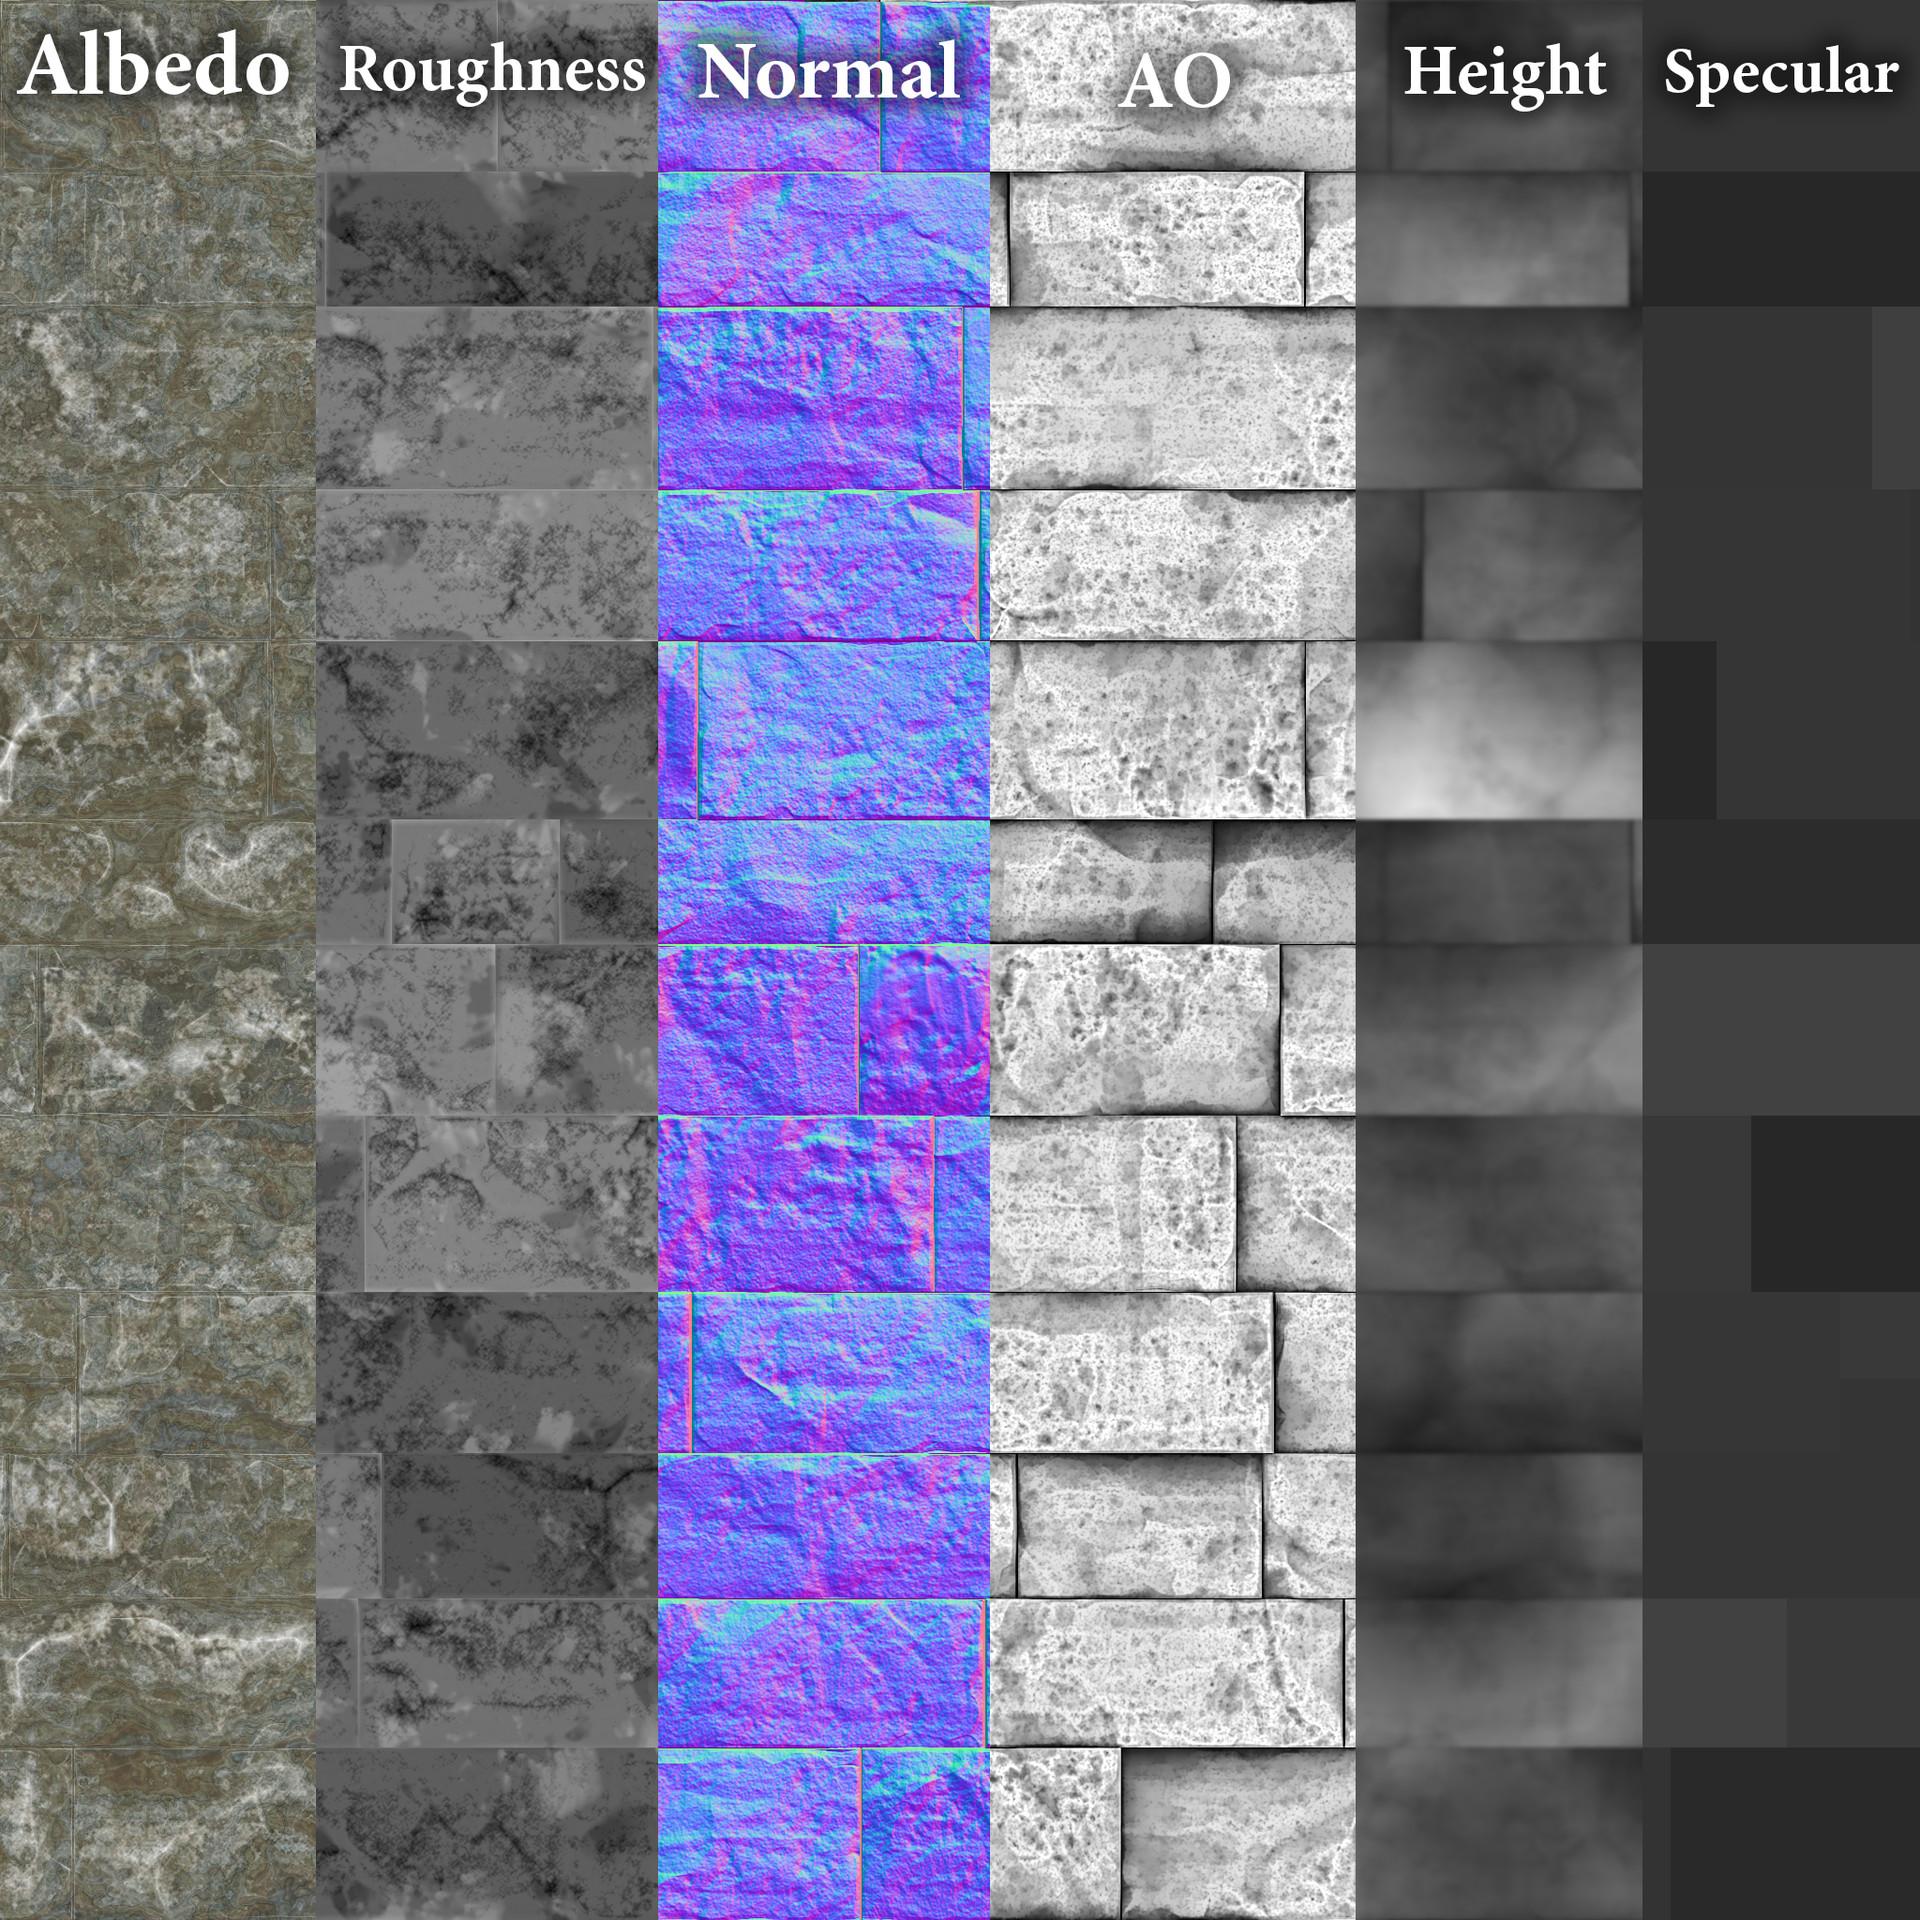 Junliang zhang textures